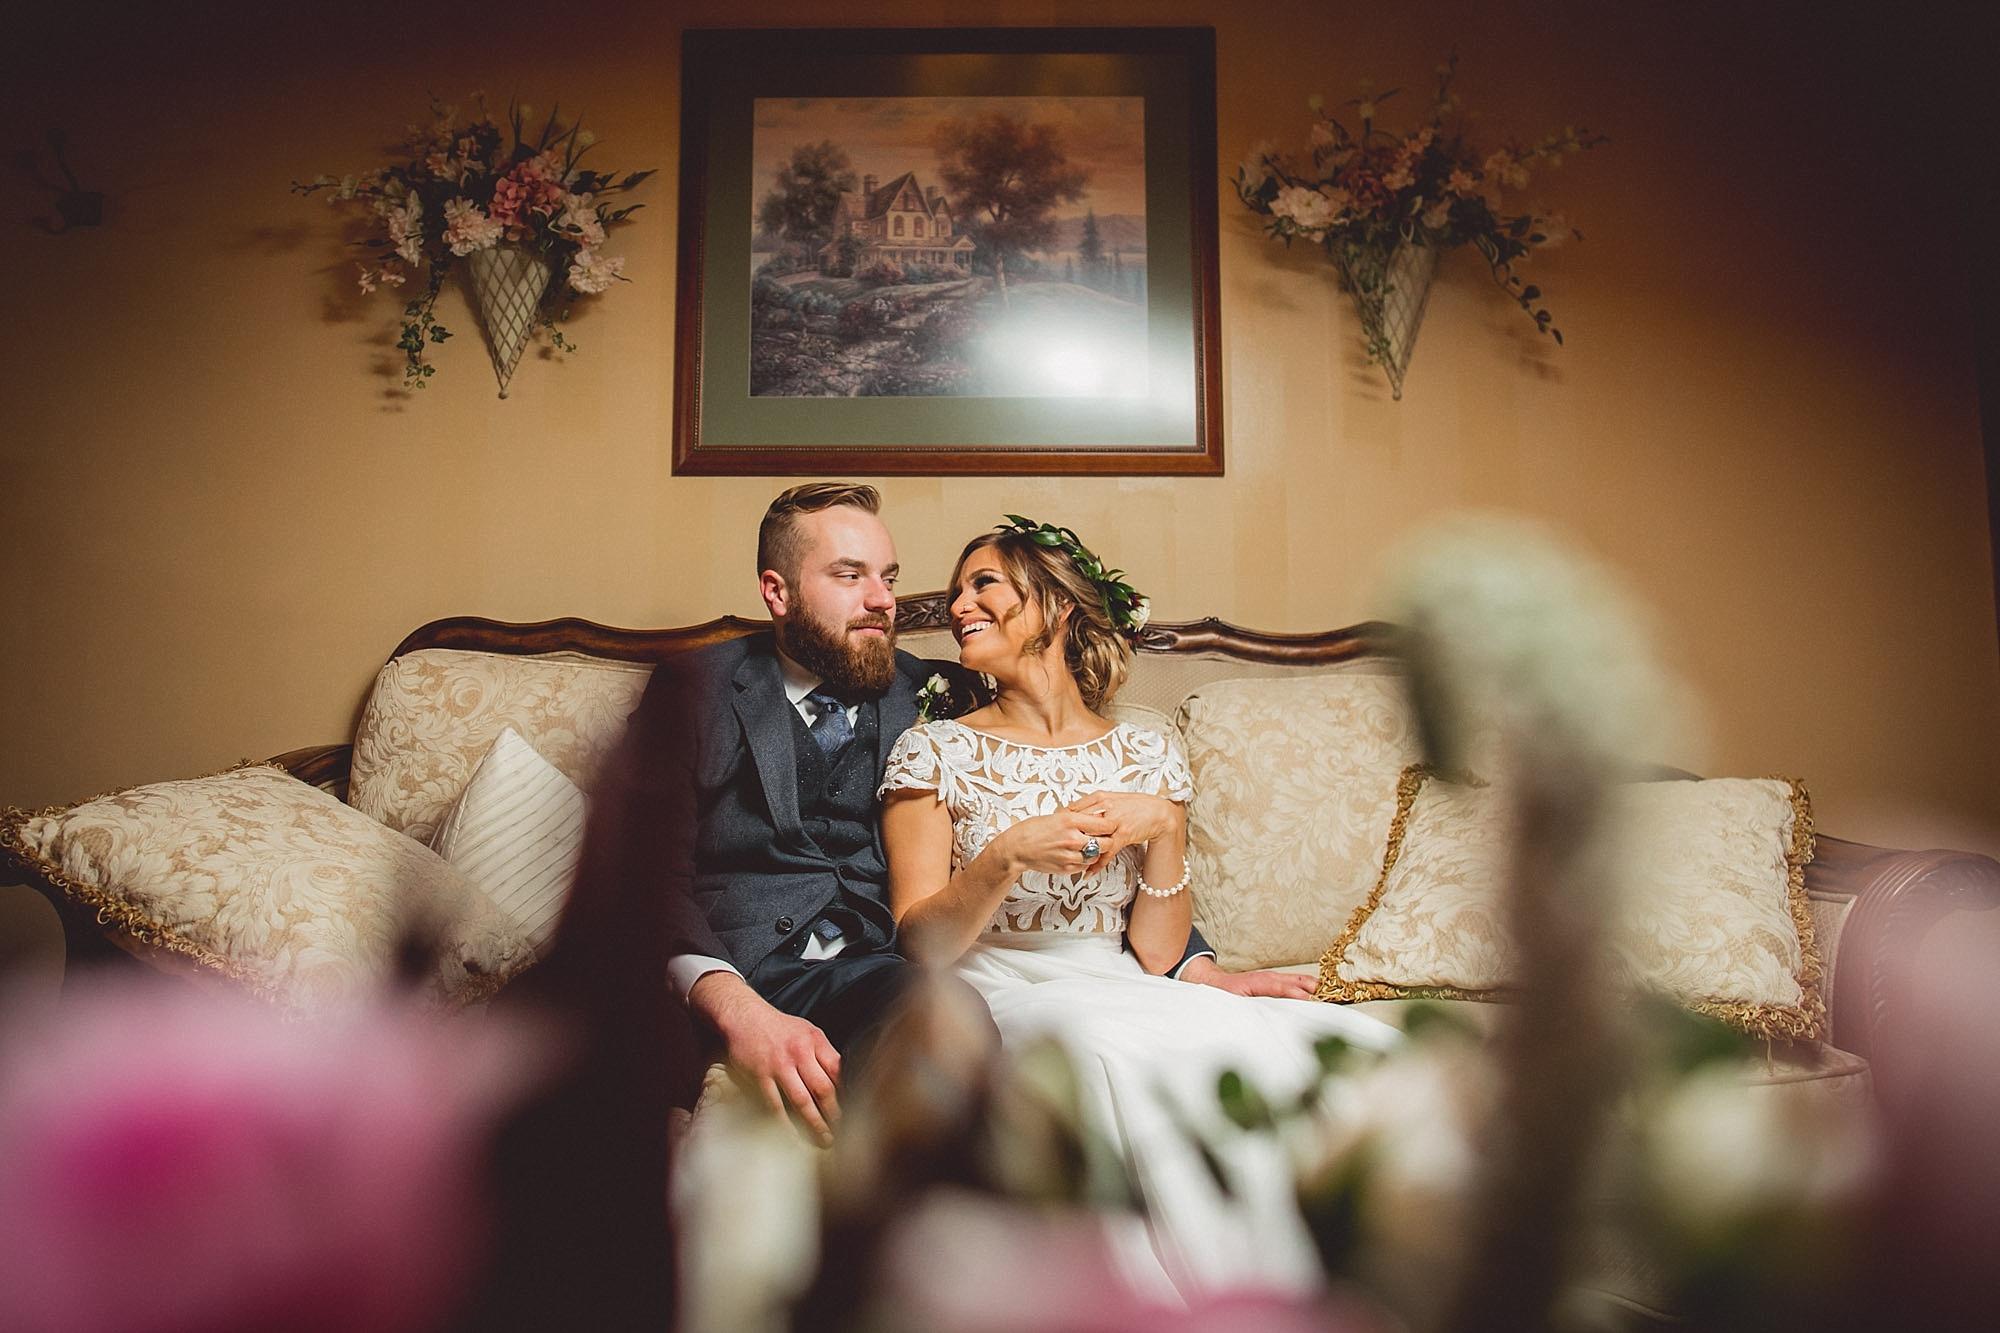 Tweaksbury-country-clup-wedding-61.jpg